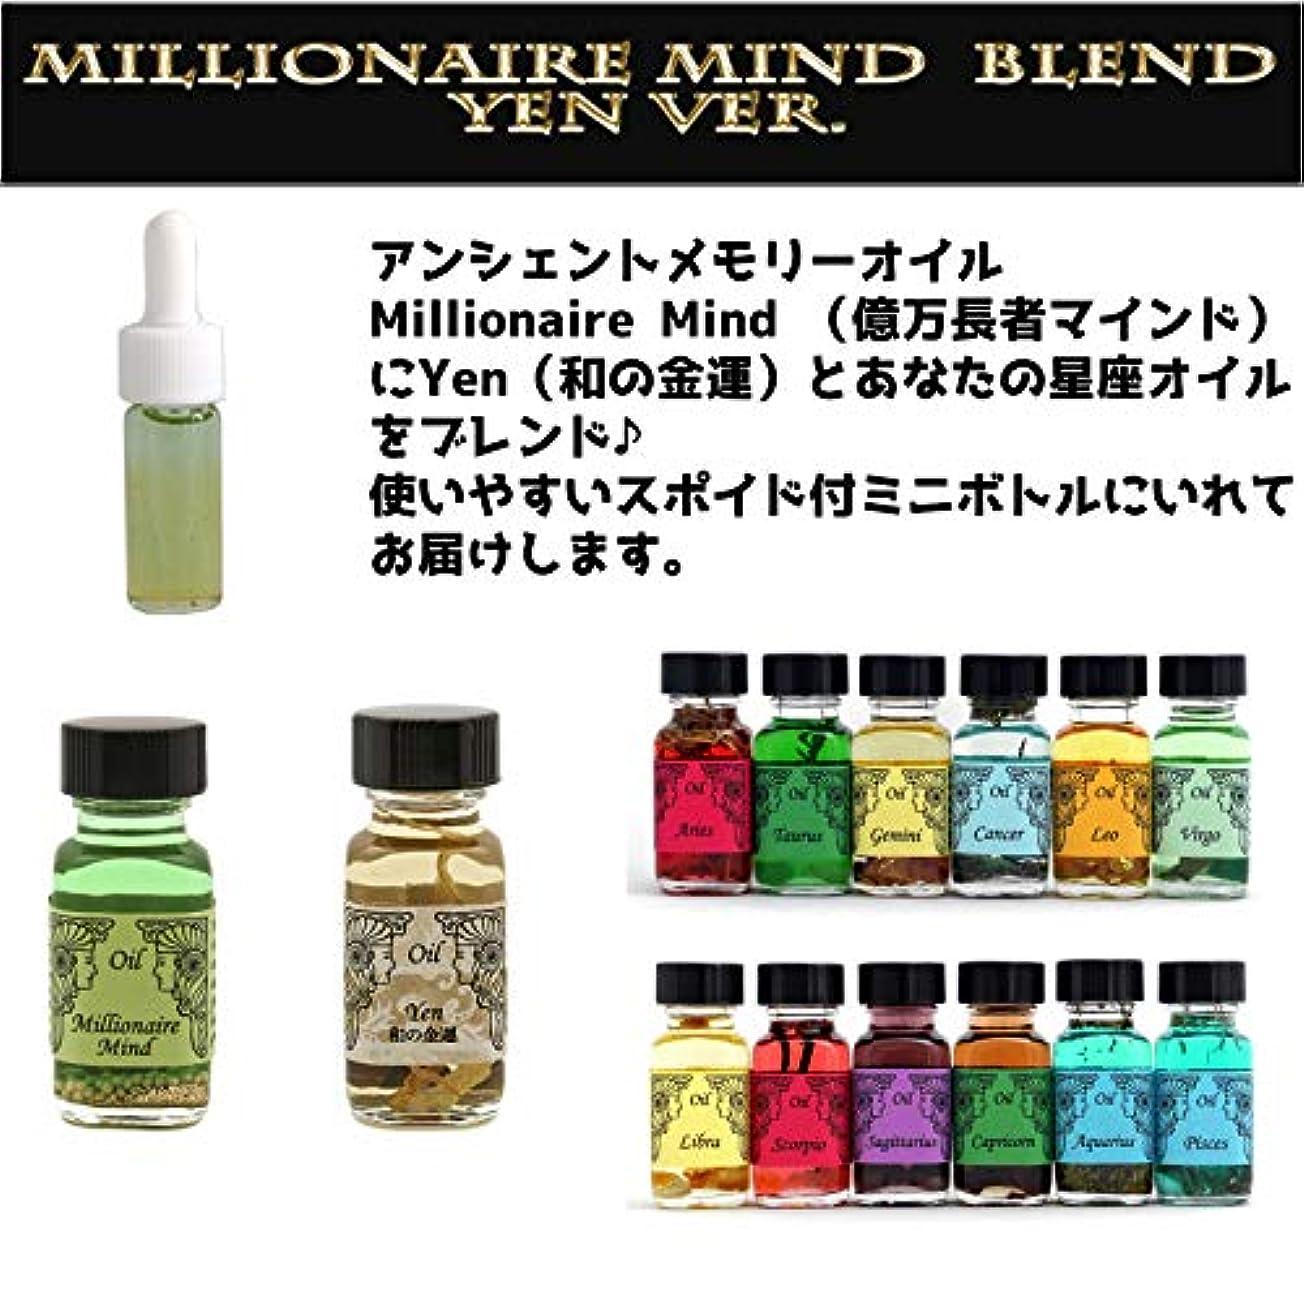 恵み四半期ストライドアンシェントメモリーオイル Millionaire Mind 億万長者マインド ブレンド【Yen 和の金運&てんびん座】